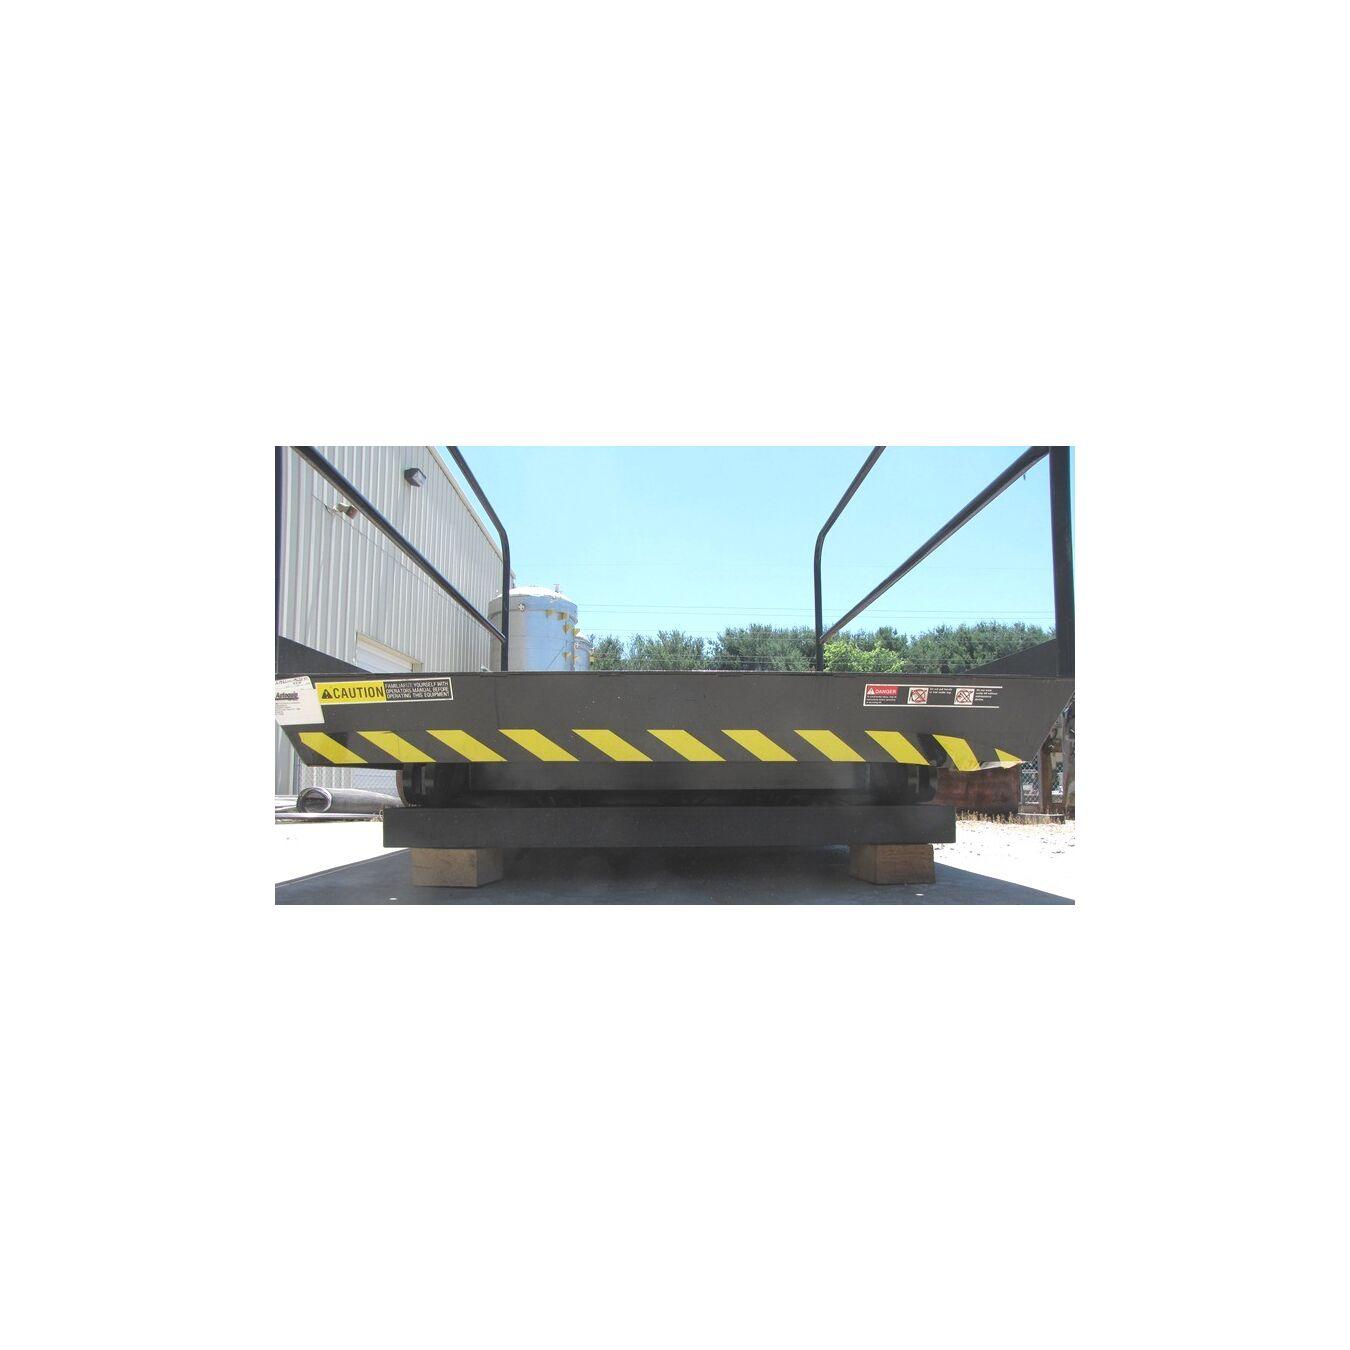 Autoquip Double Pantograph Lift Model 96dp30exw